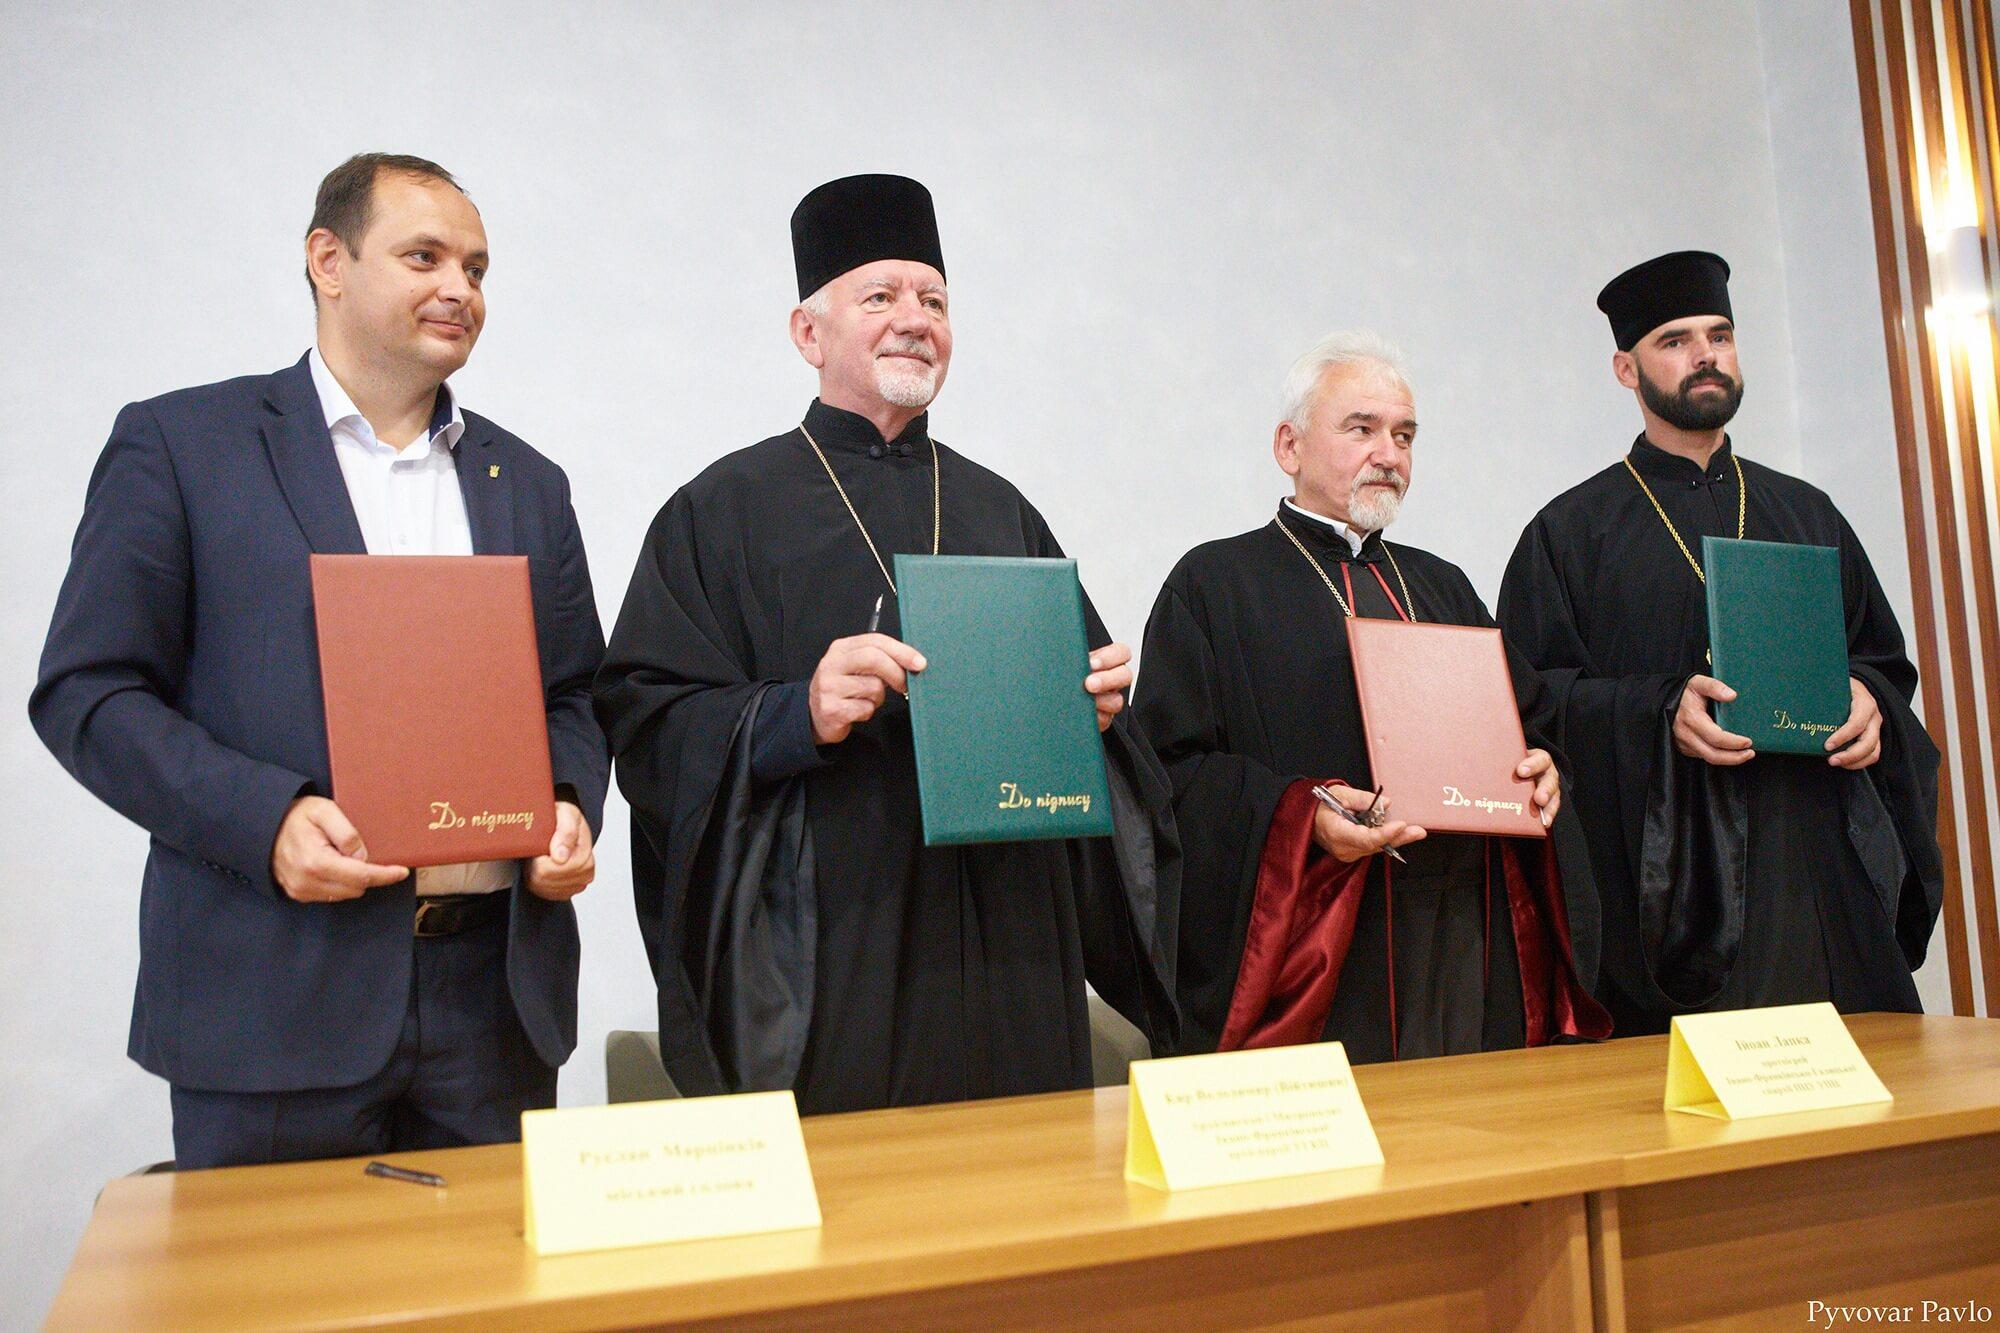 Ну здрастуй, православний талібан, – соцмережі відреагували на підписання угоди франківських закладів освіти з церквами